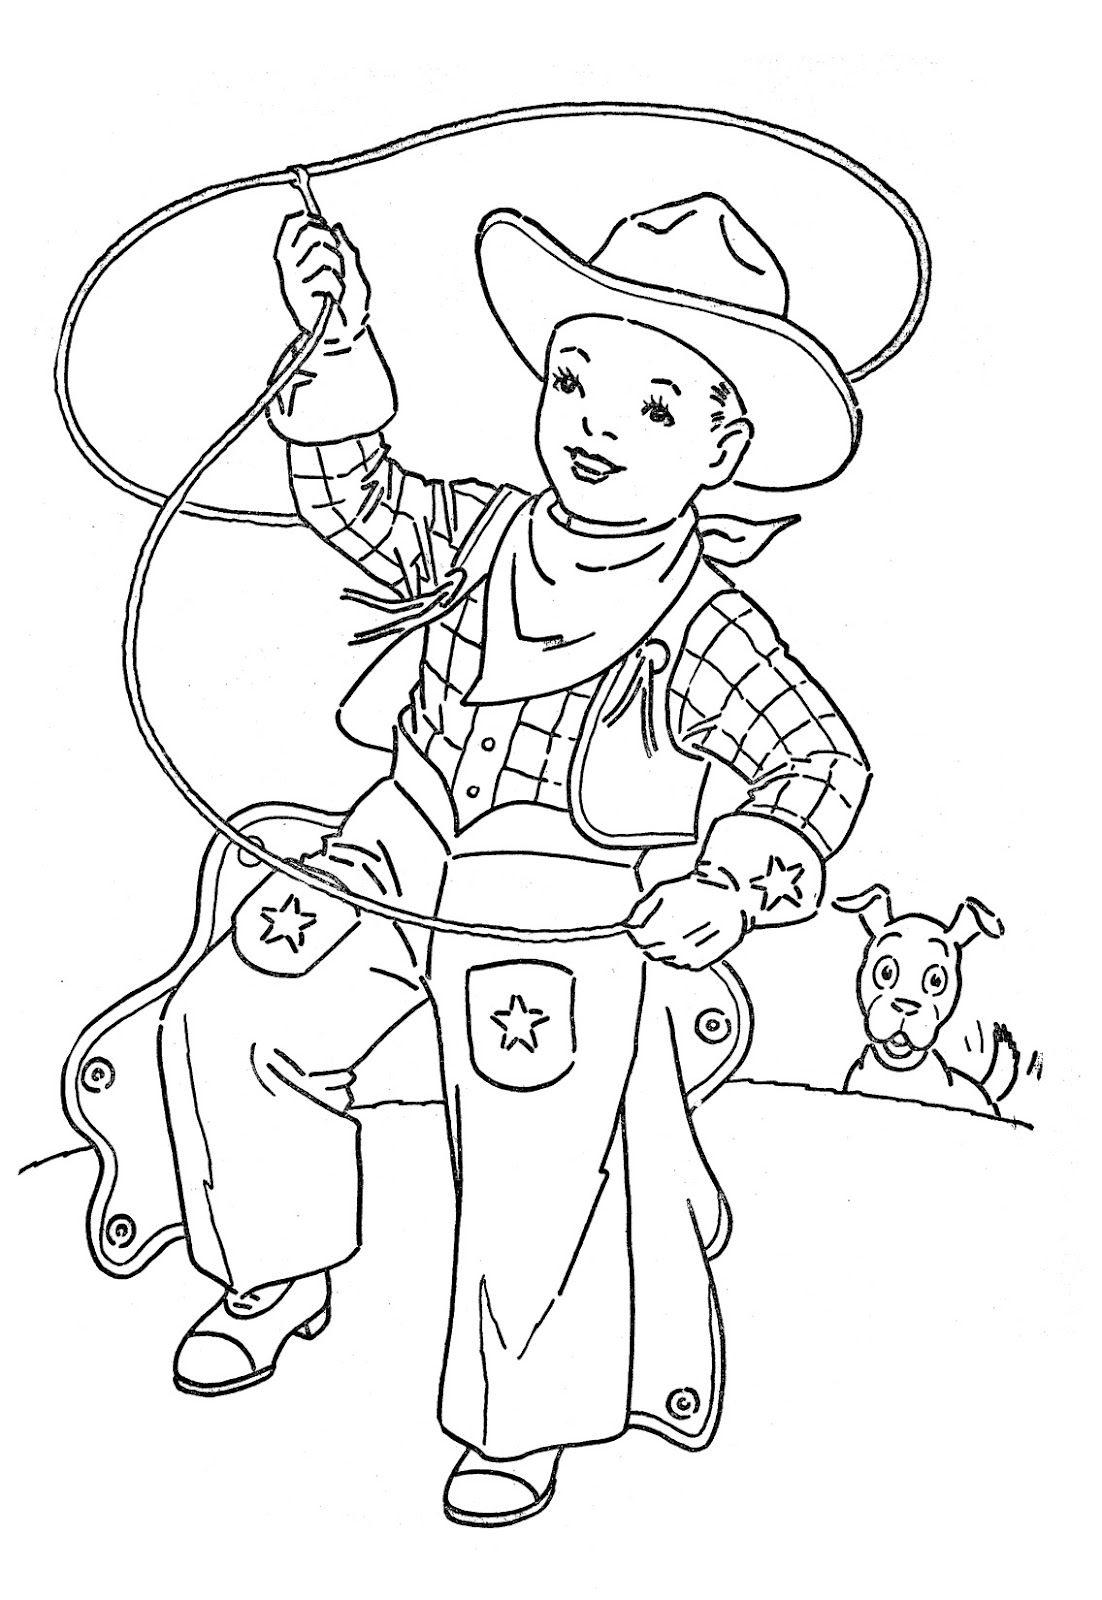 The Graphics Fairy Llc Vintage Clip Art Cute Lil Cowboy Digi Stamp Clip Art Vintage Coloring Pages Coloring Books